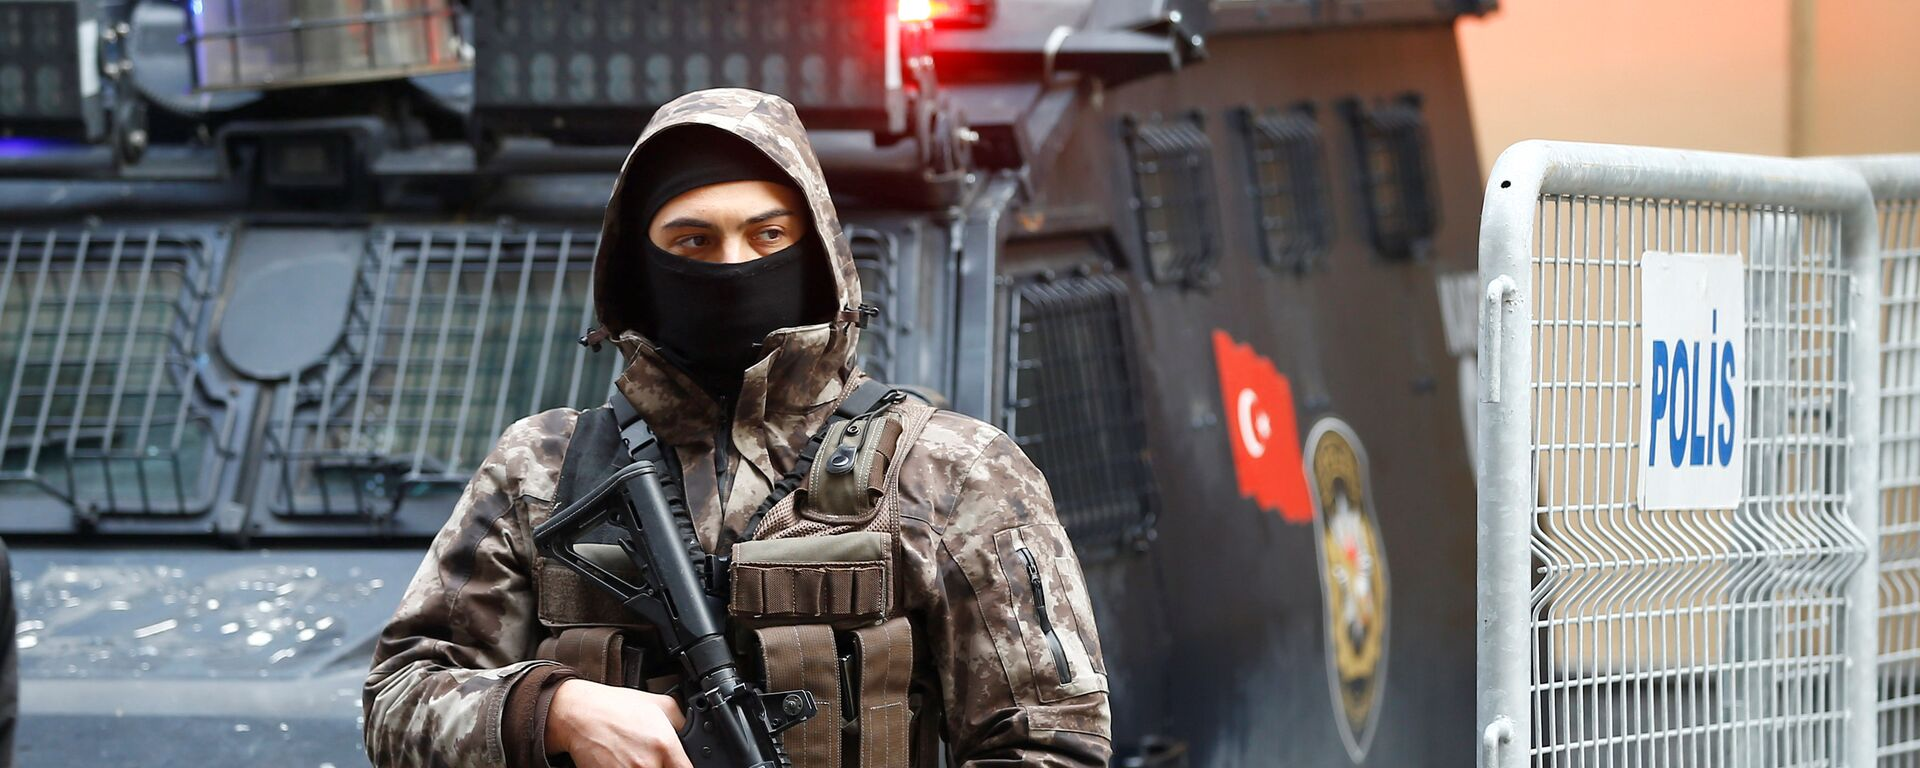 Un policía de las fuerzas especiales de Turquía (archivo) - Sputnik Mundo, 1920, 16.02.2021